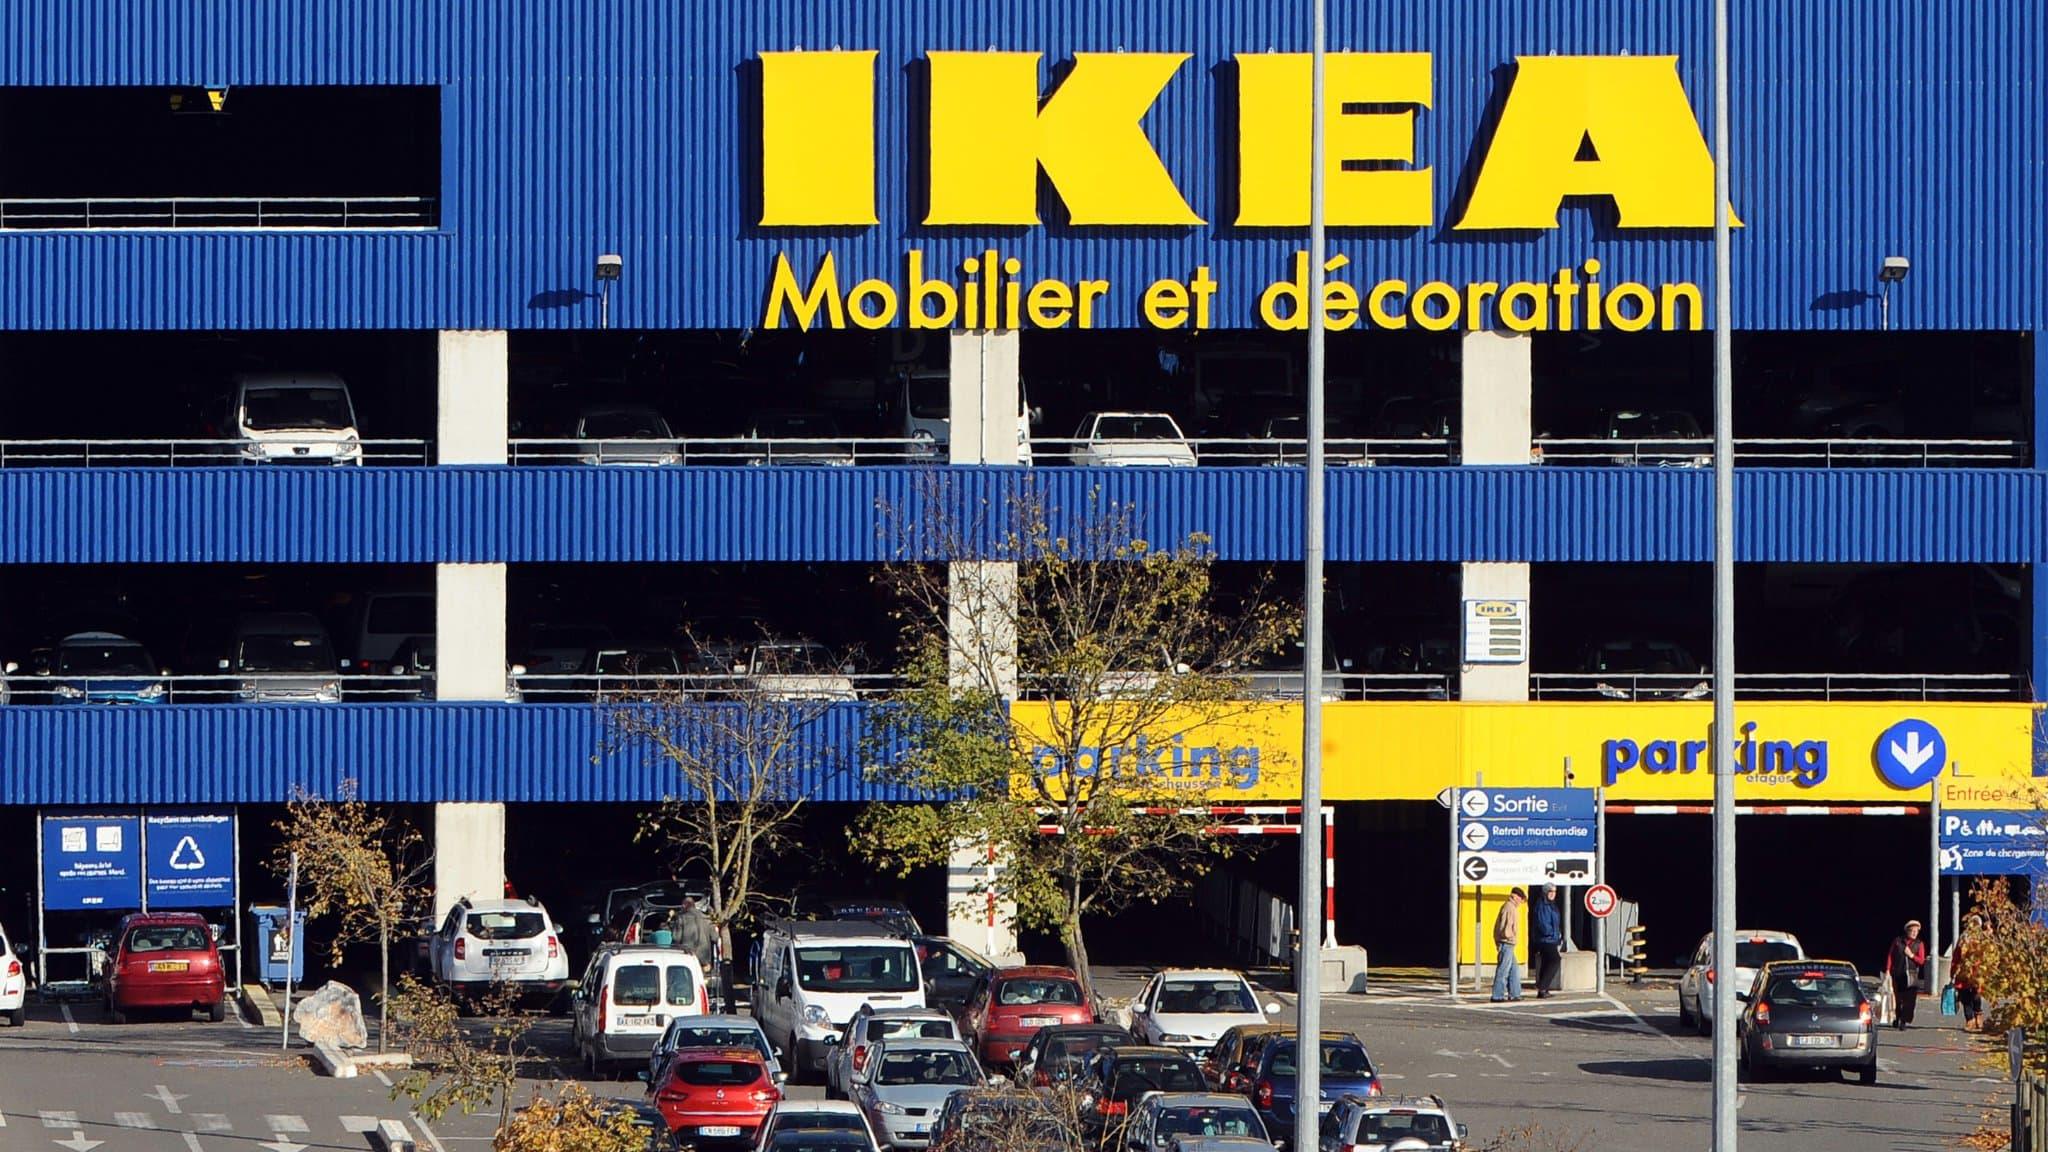 Ikea vendra en France des panneaux photovoltaiques cet automne 373627